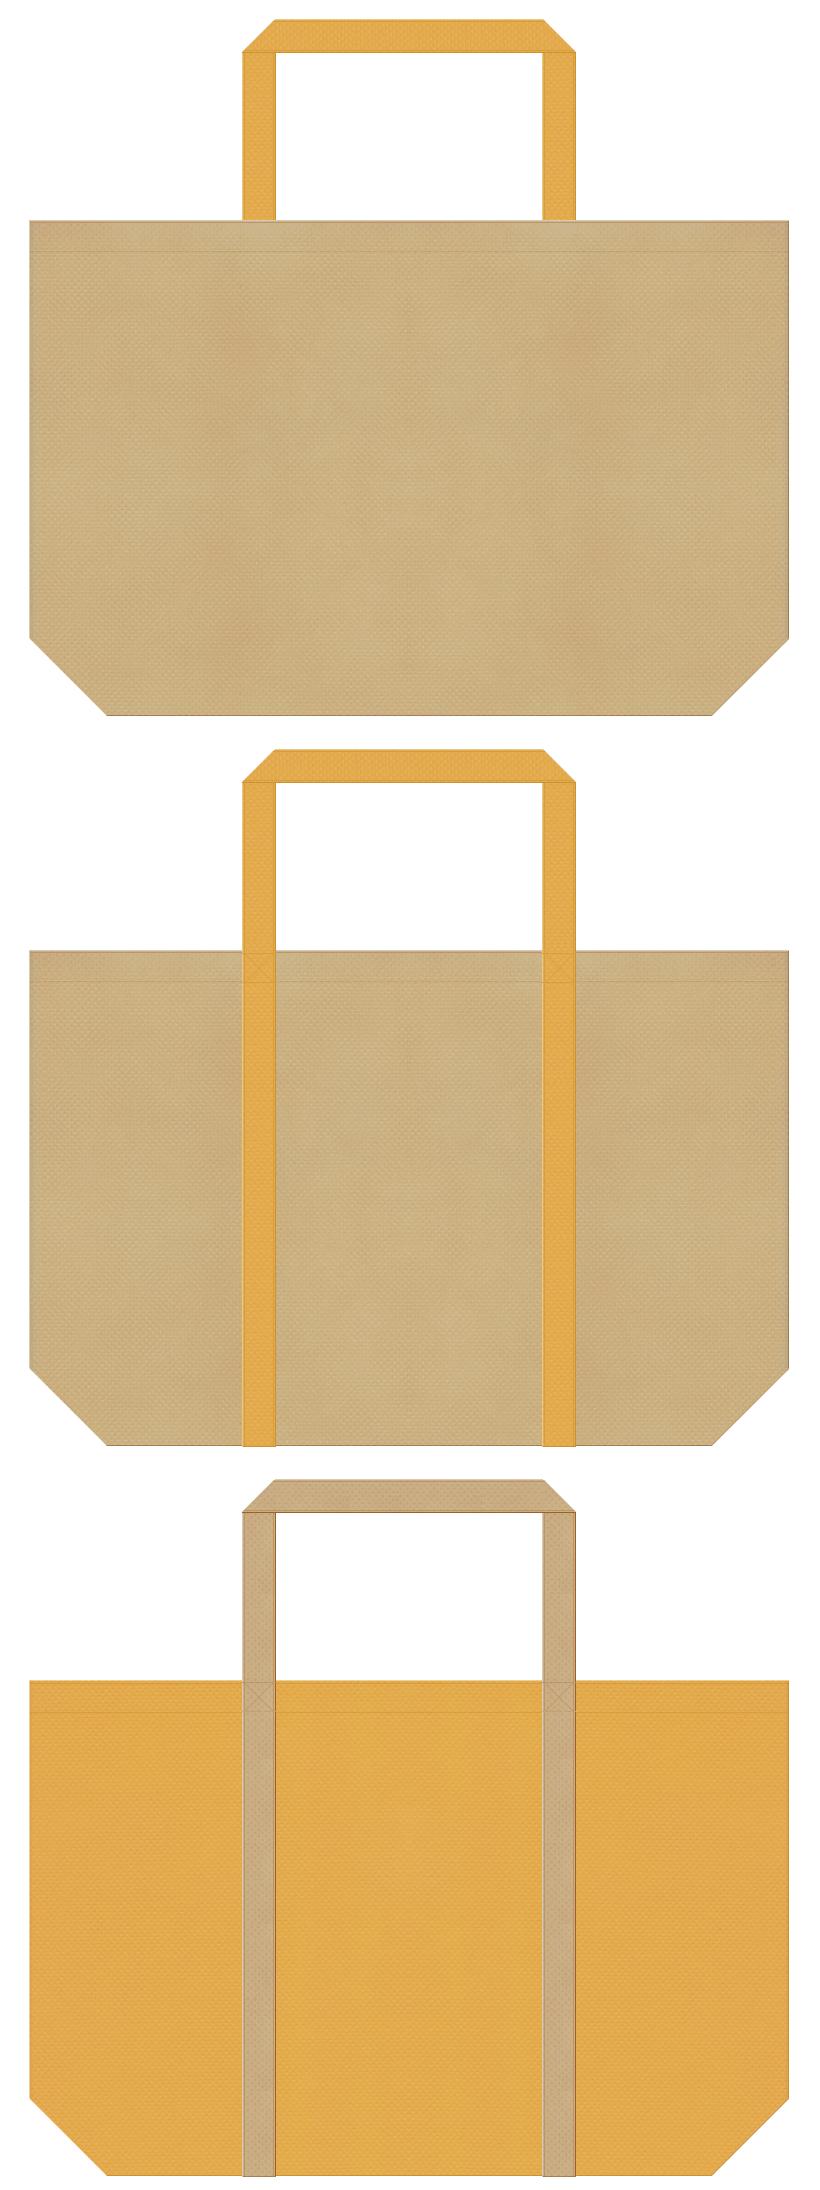 カーキ色と黄土色の不織布バッグデザイン。DIY・手芸・木工用品のショッピングバッグにお奨めです。